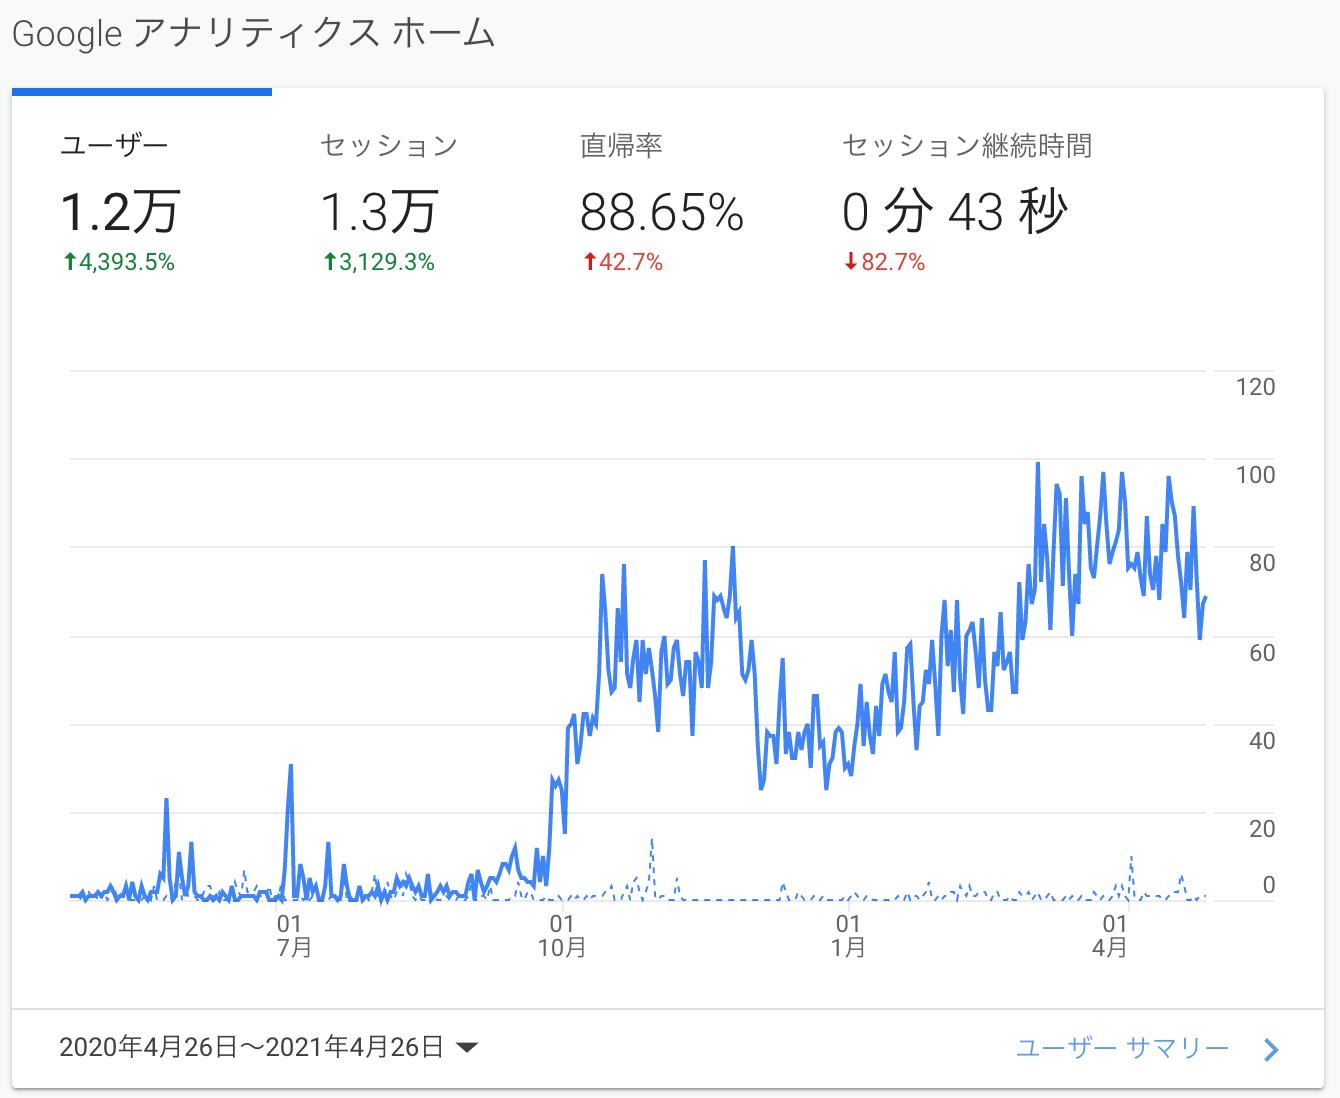 ウェブサイトに訪れているユーザーのGAデータ